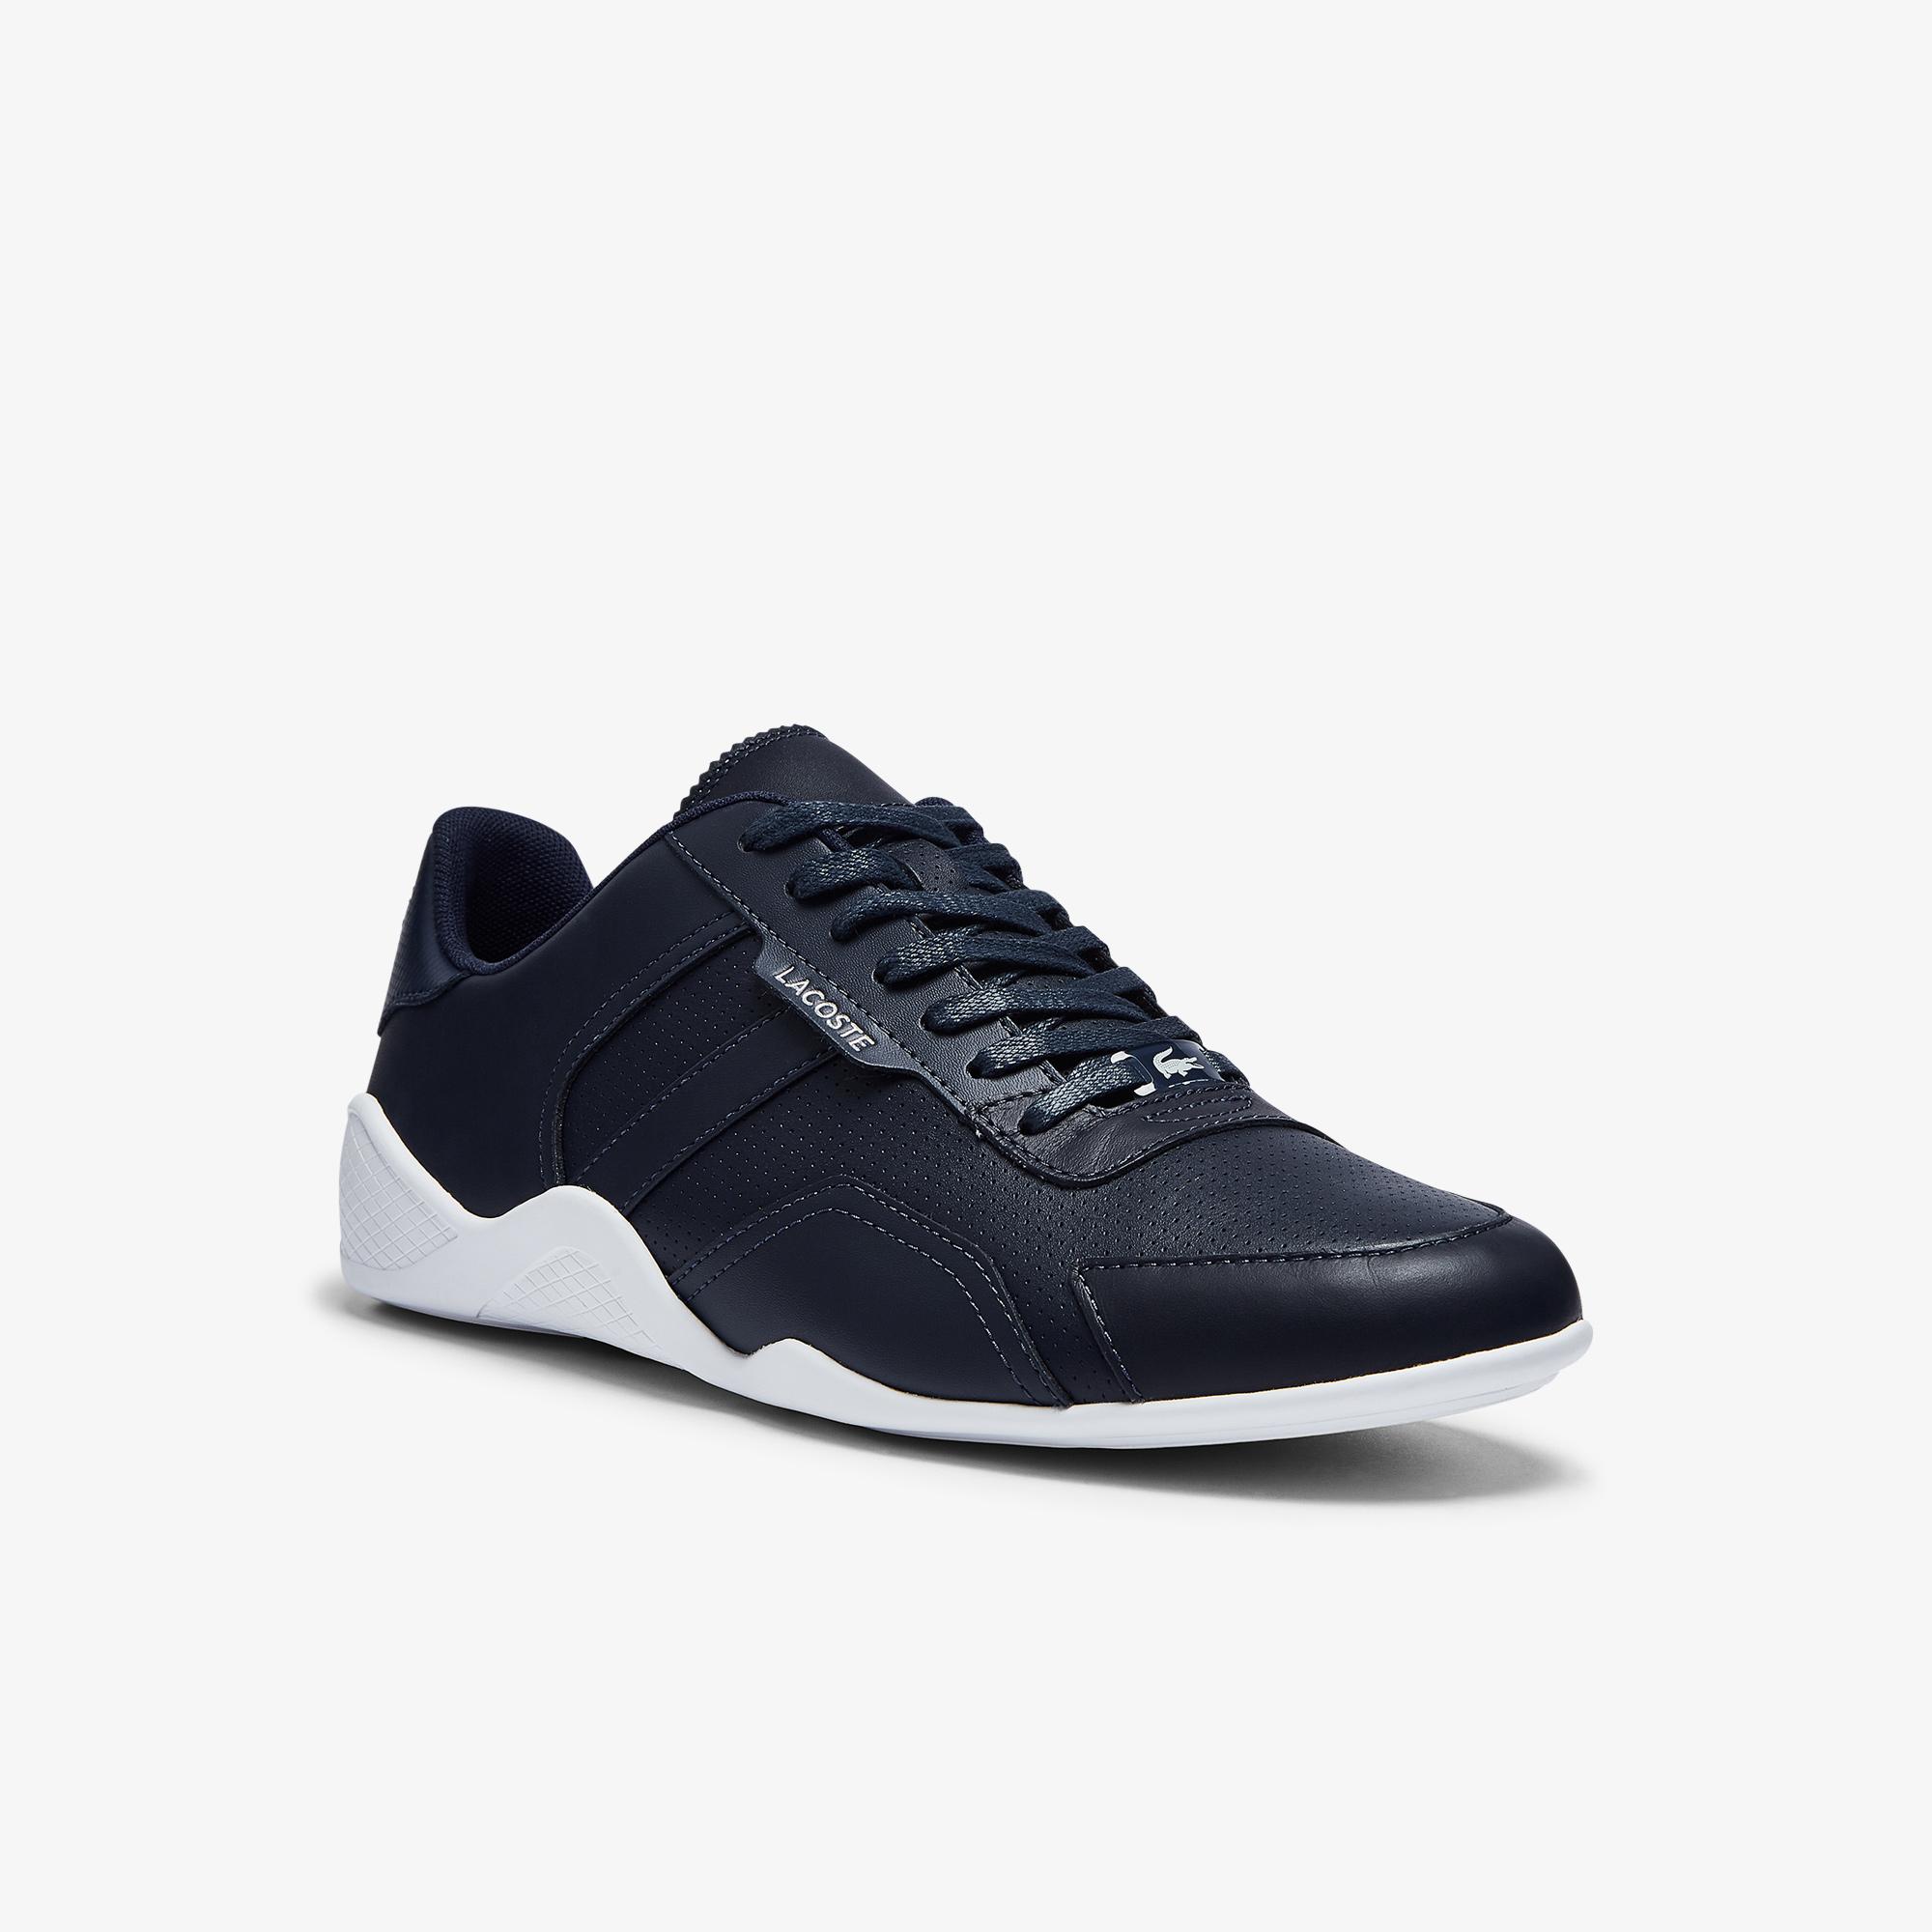 Lacoste Men's Hapona 0721 1 Cma Shoes